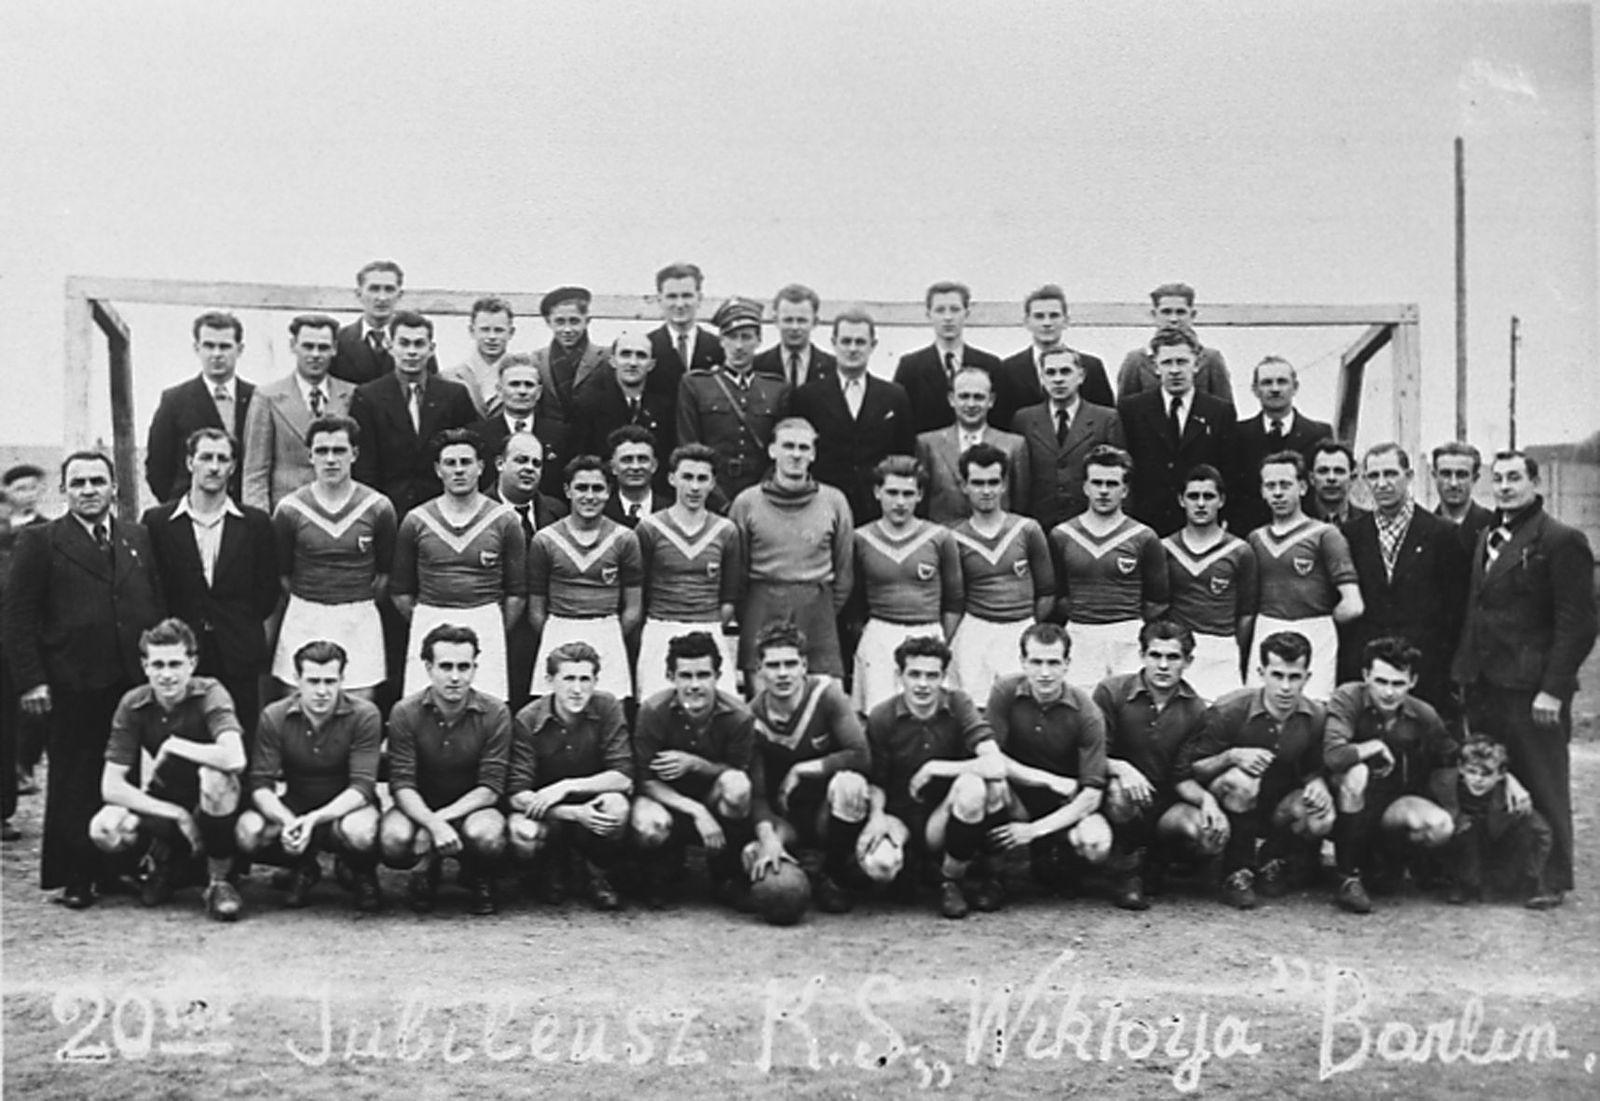 Le vingtième anniversaire du club Wiktorja de Barlin